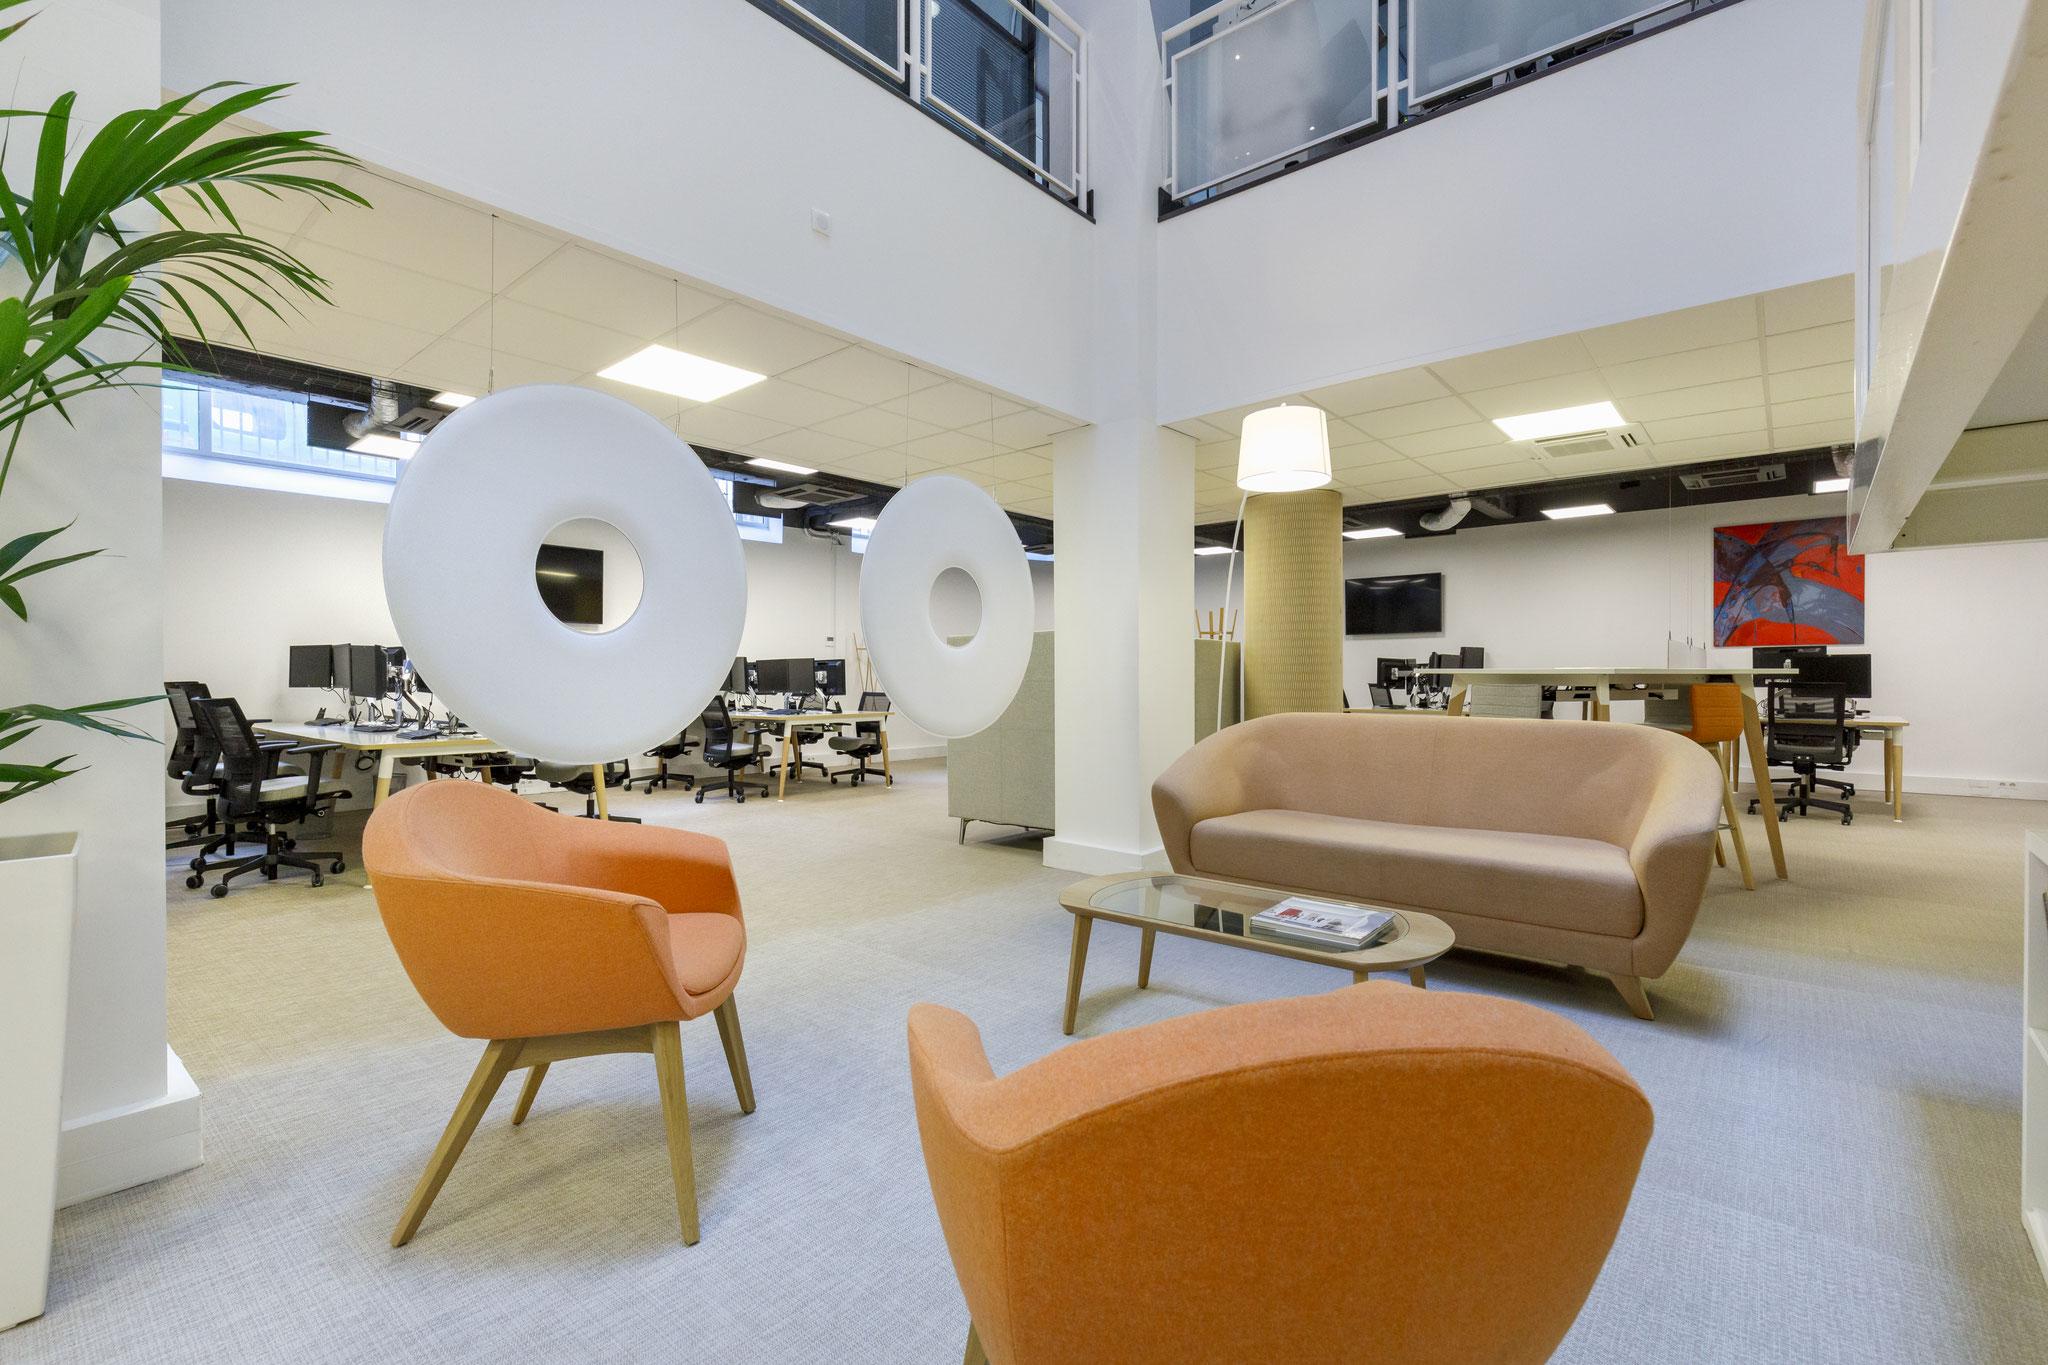 un salon d'accueil dans un espace de co-working, avec du mobilier confortable et contemporain aux couleurs de l'entreprise